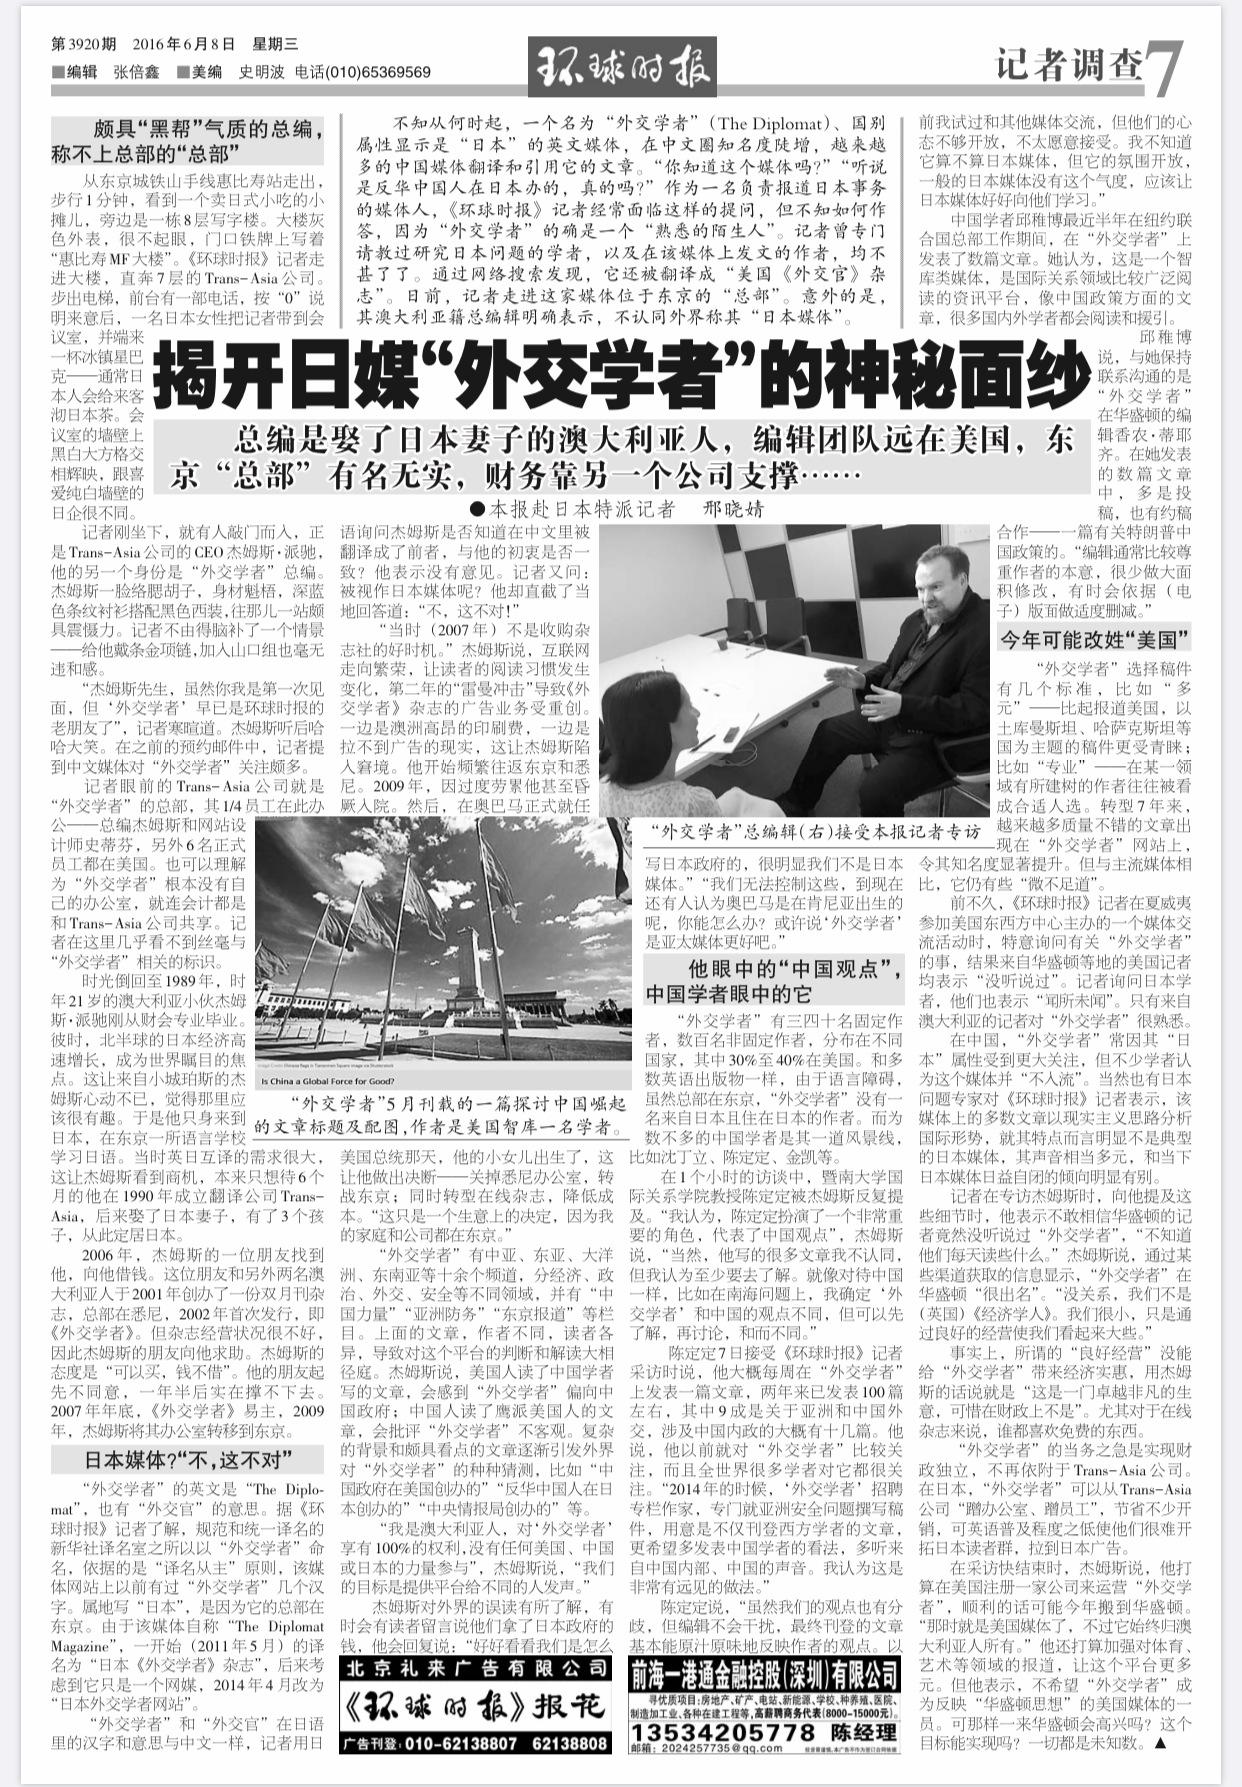 恒行:外交学人中国百名学者为何恒行在这图片